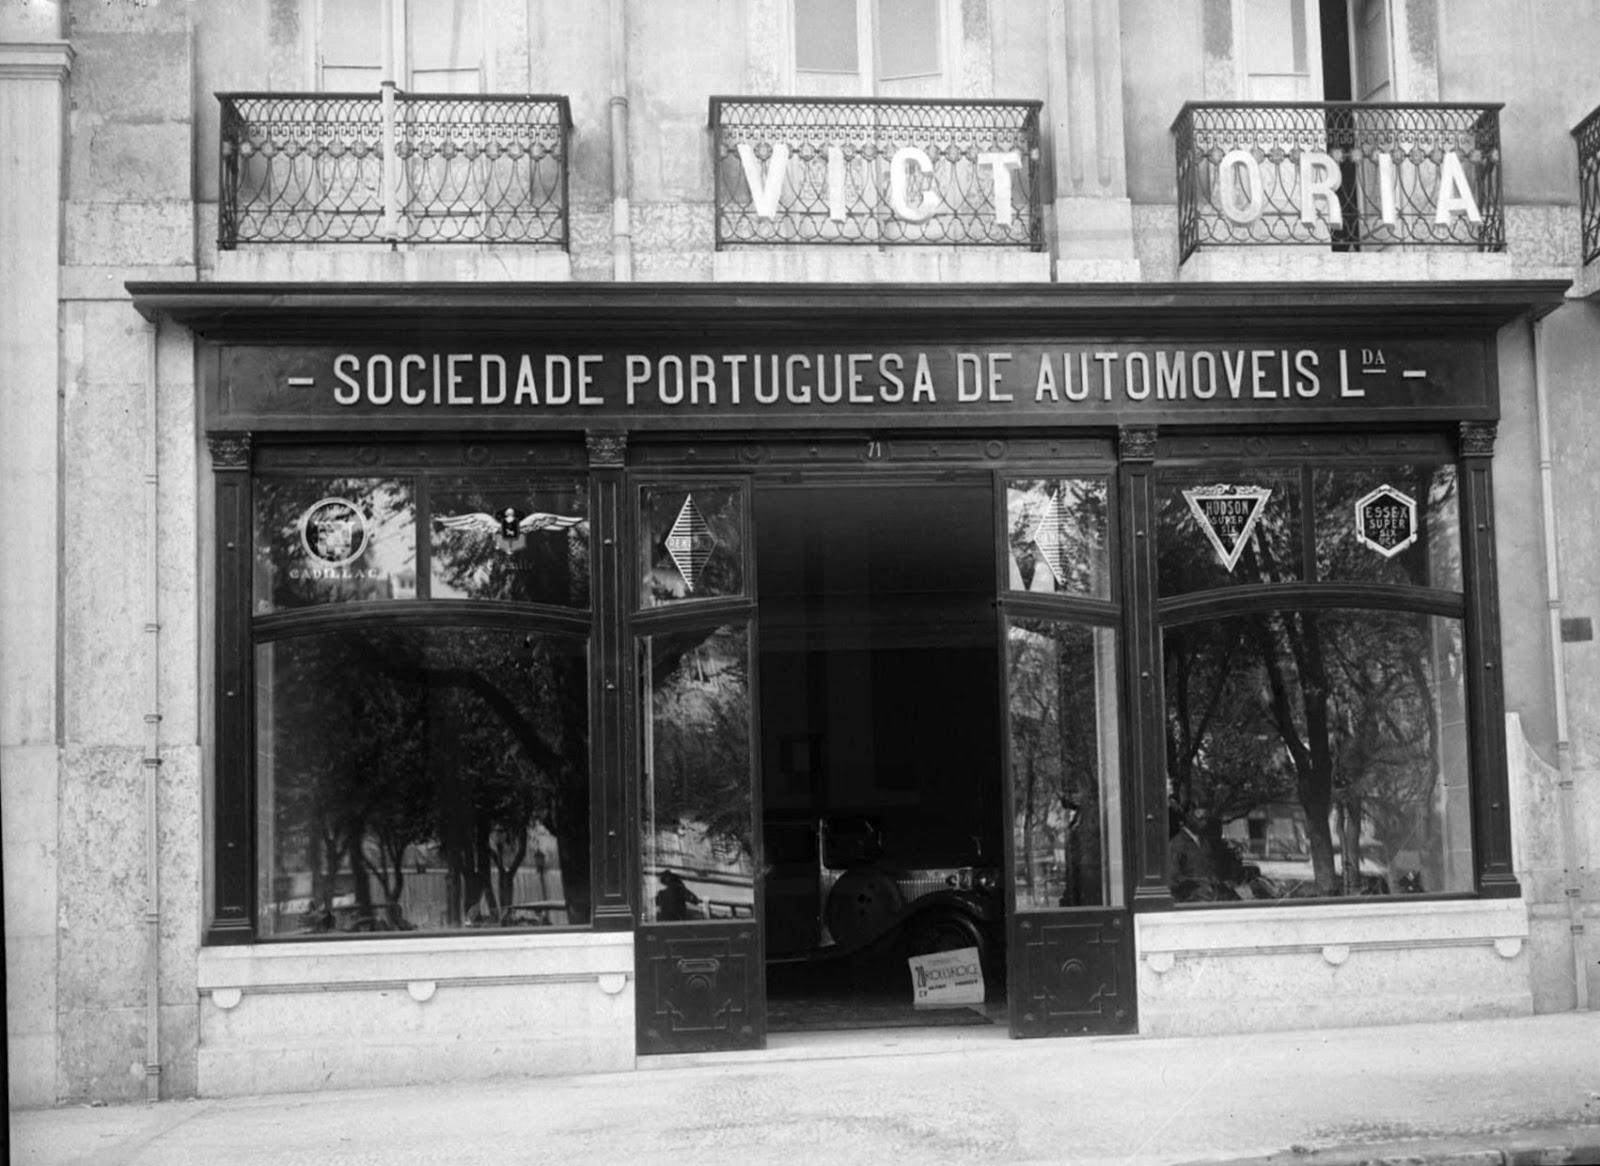 [Soc.-Portuguesa-de-Automveis-19294]